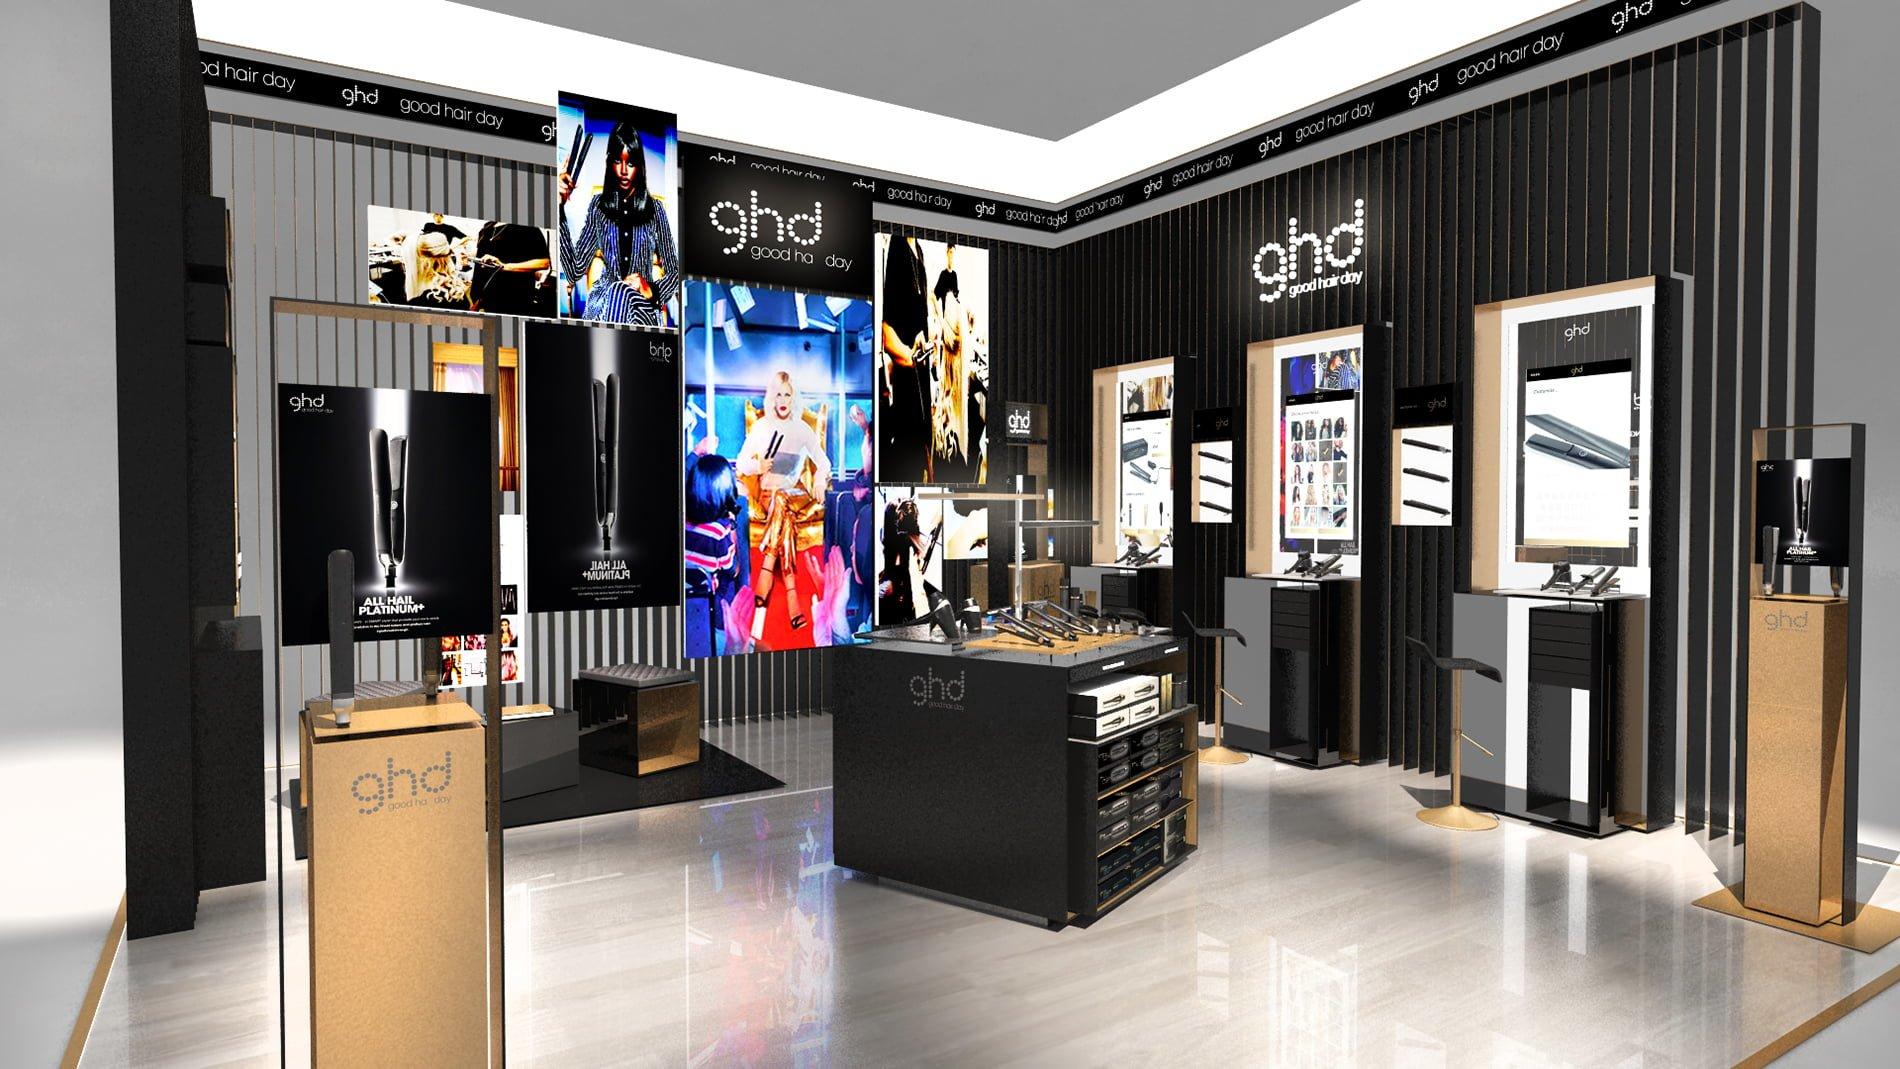 GHD retail design visual